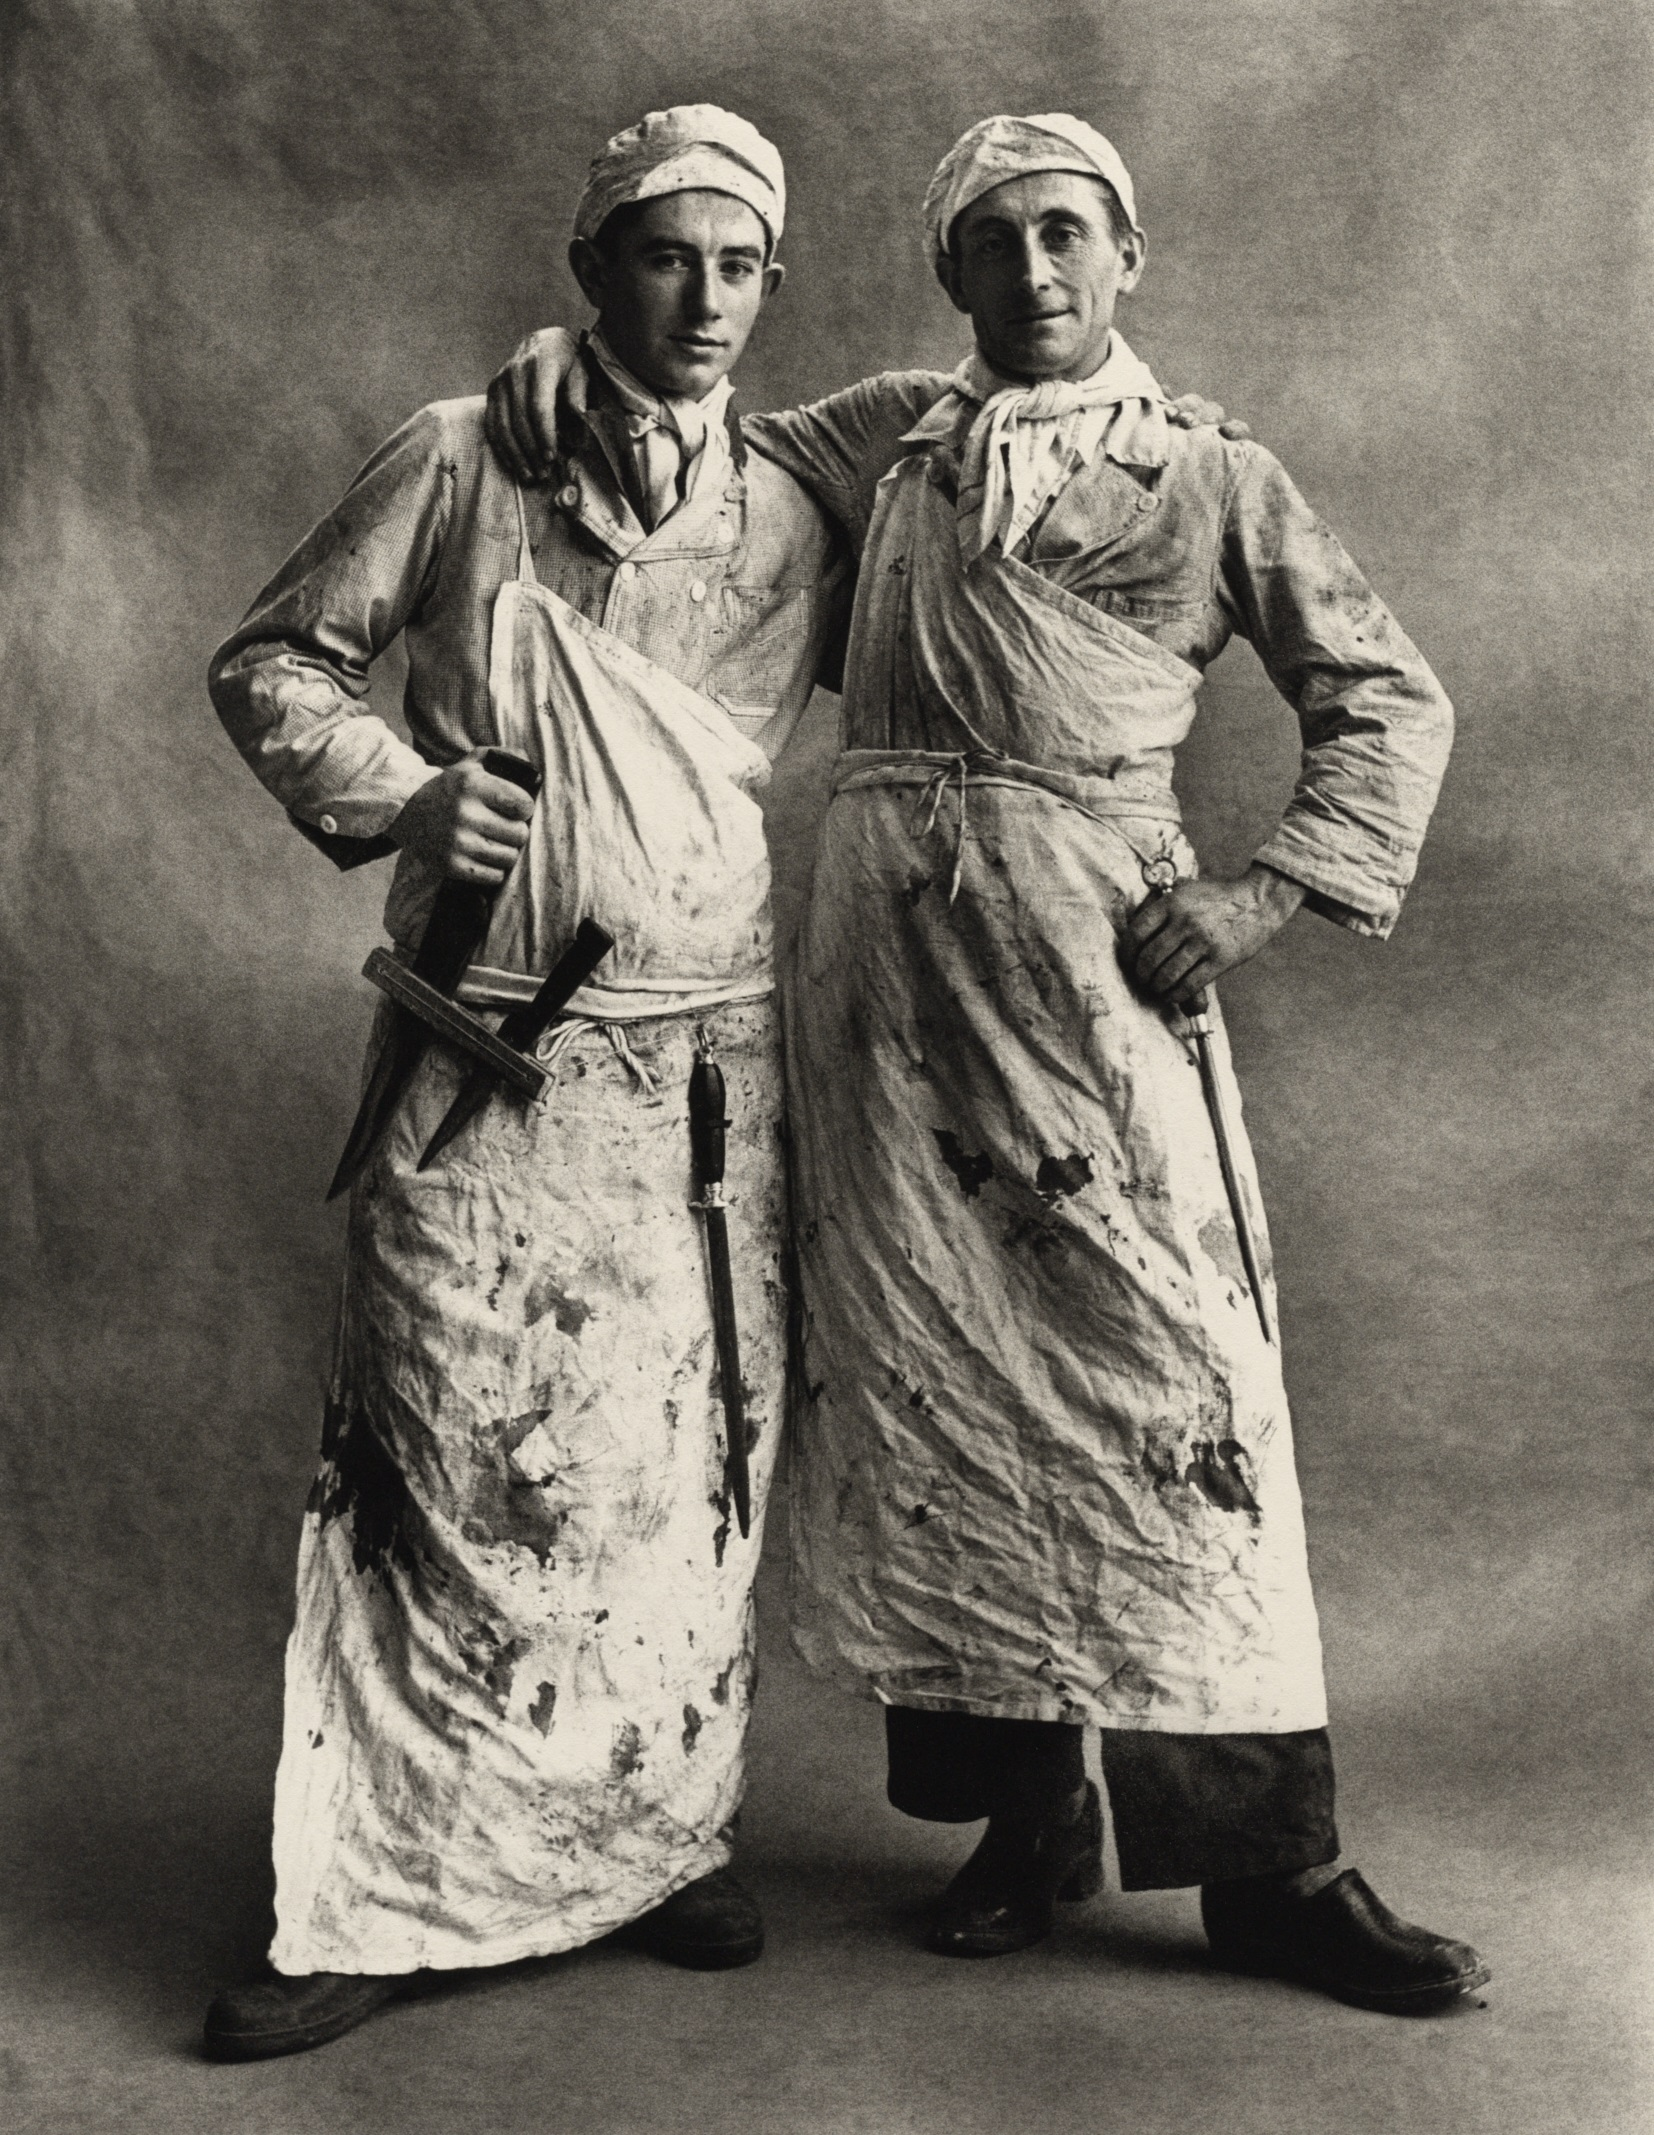 """La Fondazione MAST di Bologna presenta """"Uniform Into The Work / Out Of The Work"""". Mostra collettiva sulle divise da lavoro,con 600 immagini di 44 fotografi."""